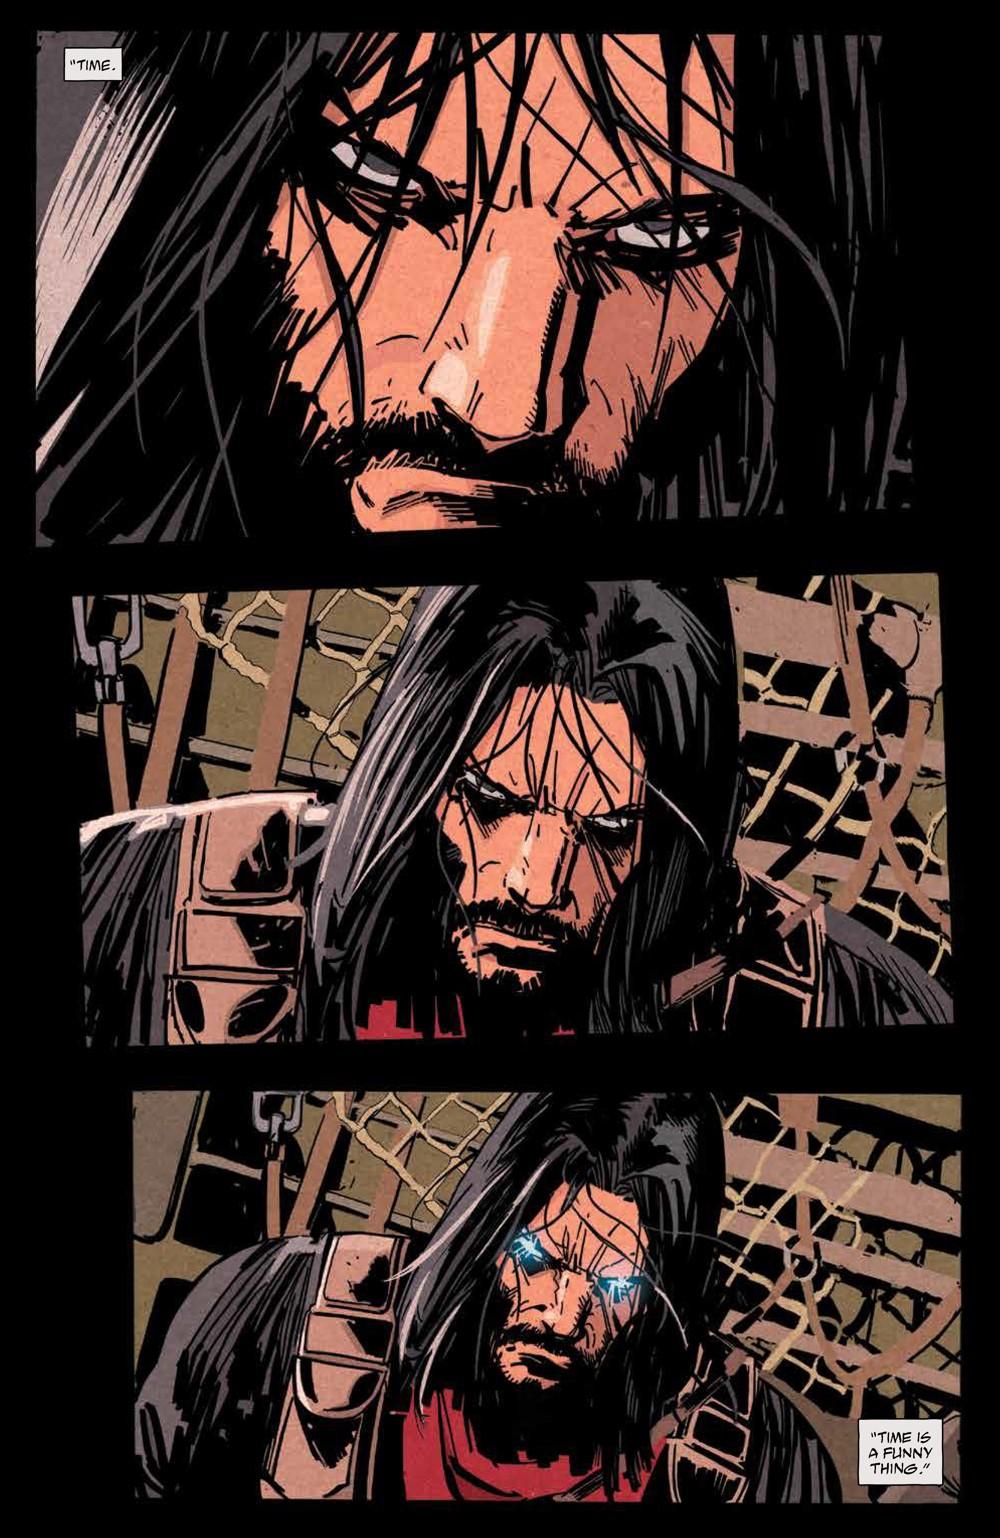 BRZRKR_v1_SC_PRESS_11 ComicList Previews: BRZRKR VOLUME 1 TP